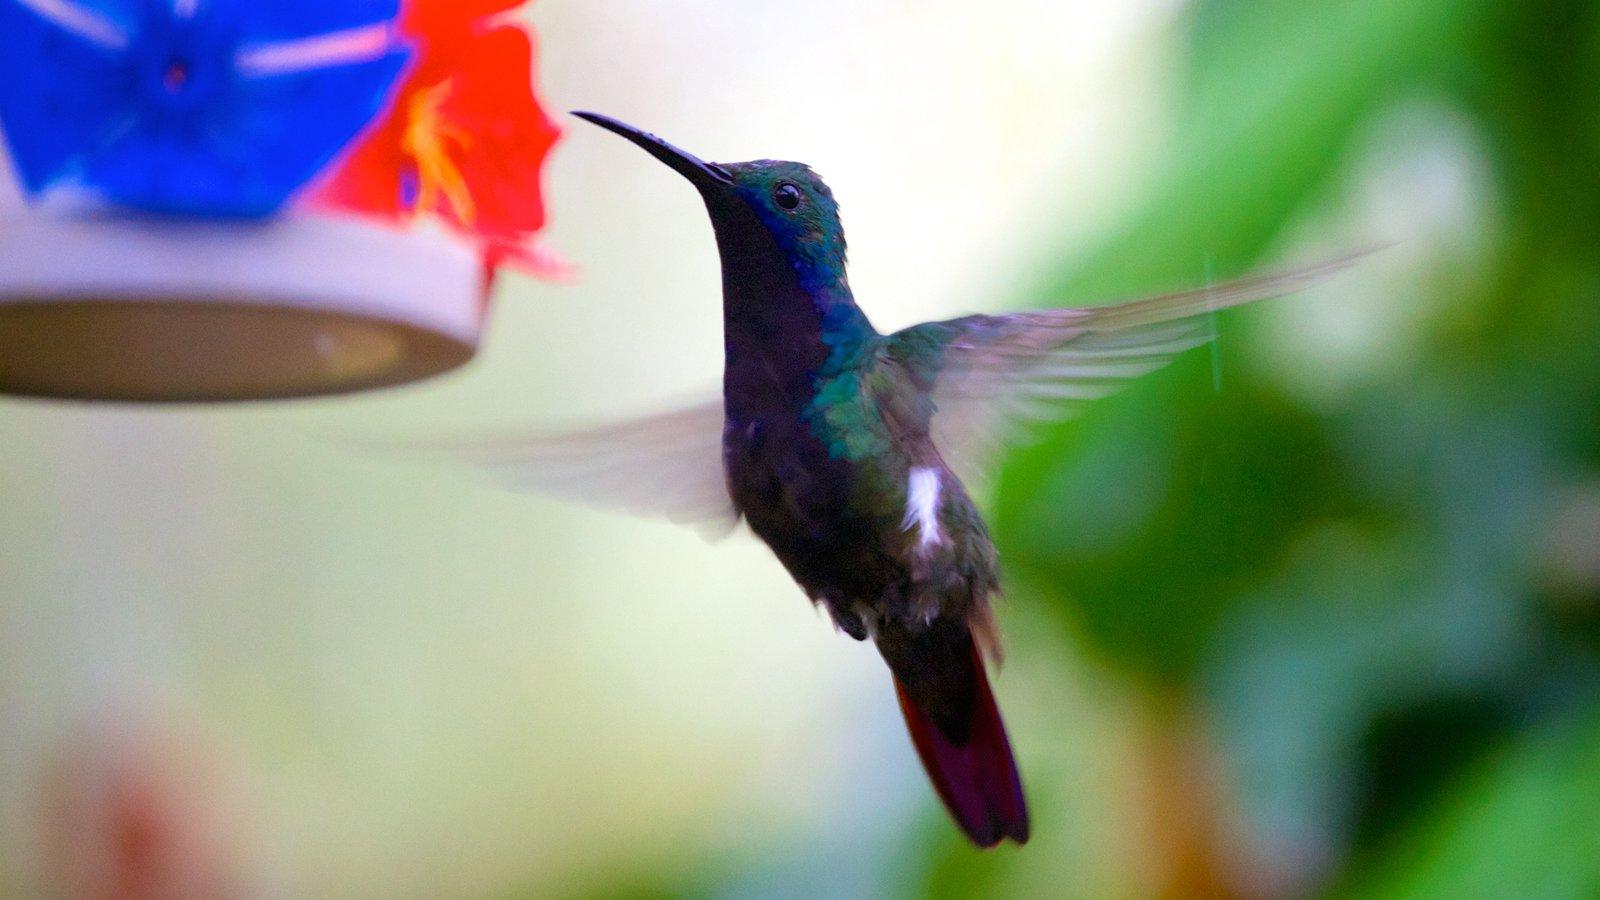 Foz do Iguaçu mostrando vida das aves